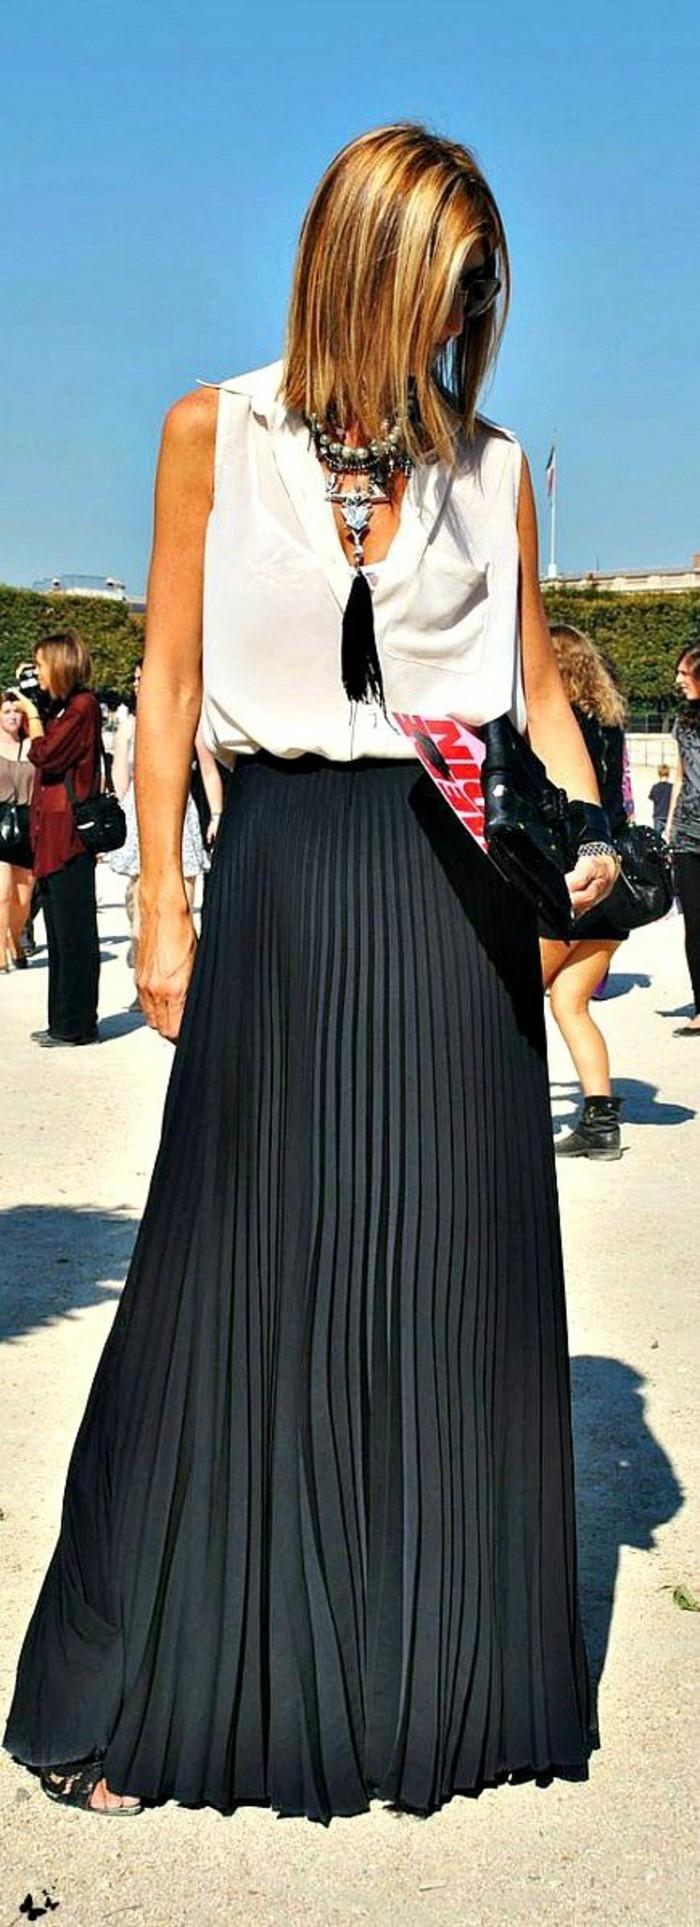 20f14c37a78e Comment porter la jupe longue plissée  80 idées! - Archzine.fr